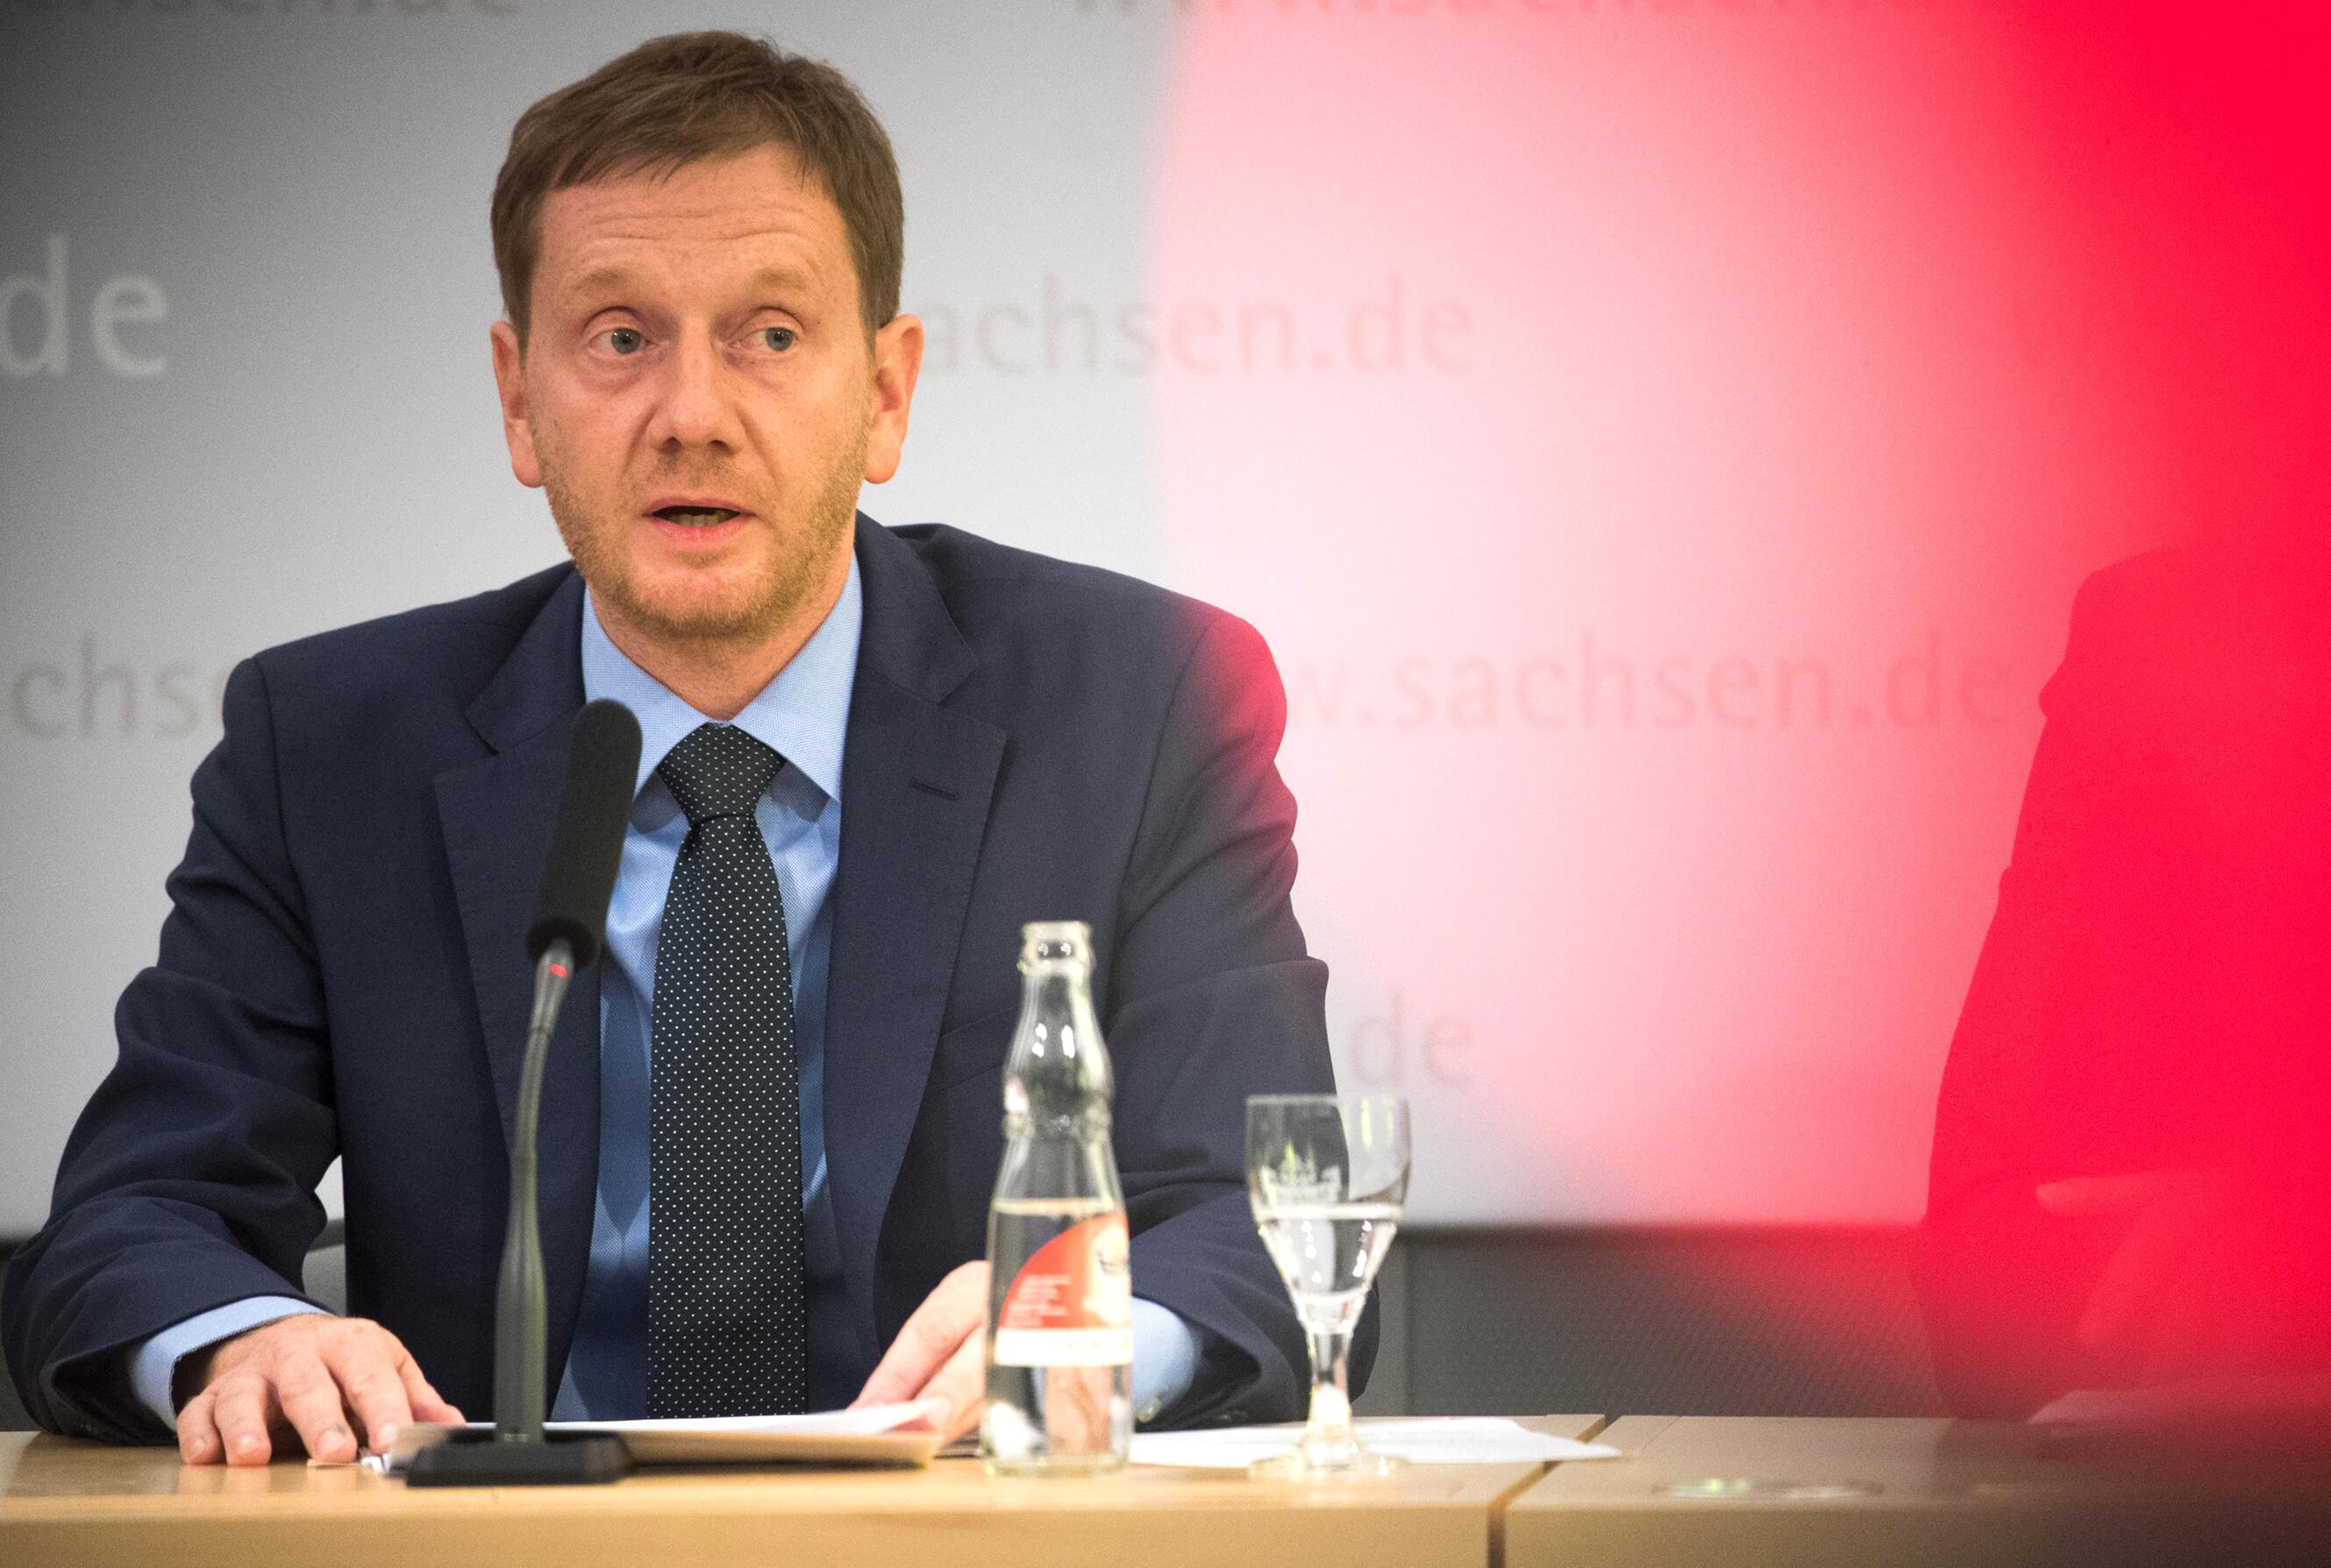 Bild zu Chemnitz, Michael Kretschmer, Ministerpräsident, Sachsen